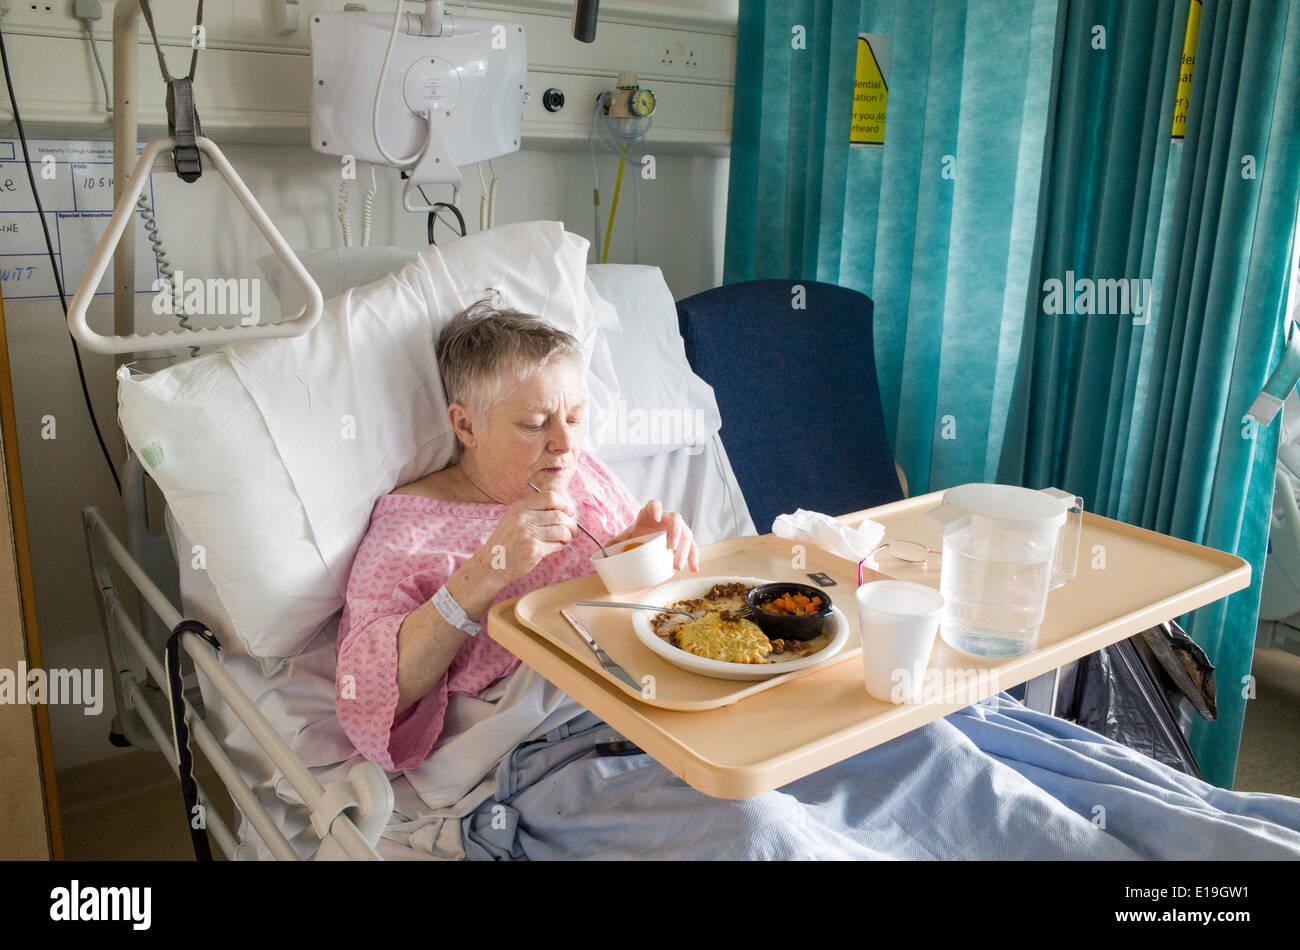 Patient âgé dans l'University College Hospital Hôpital de manger la nourriture, London, England, UK Photo Stock